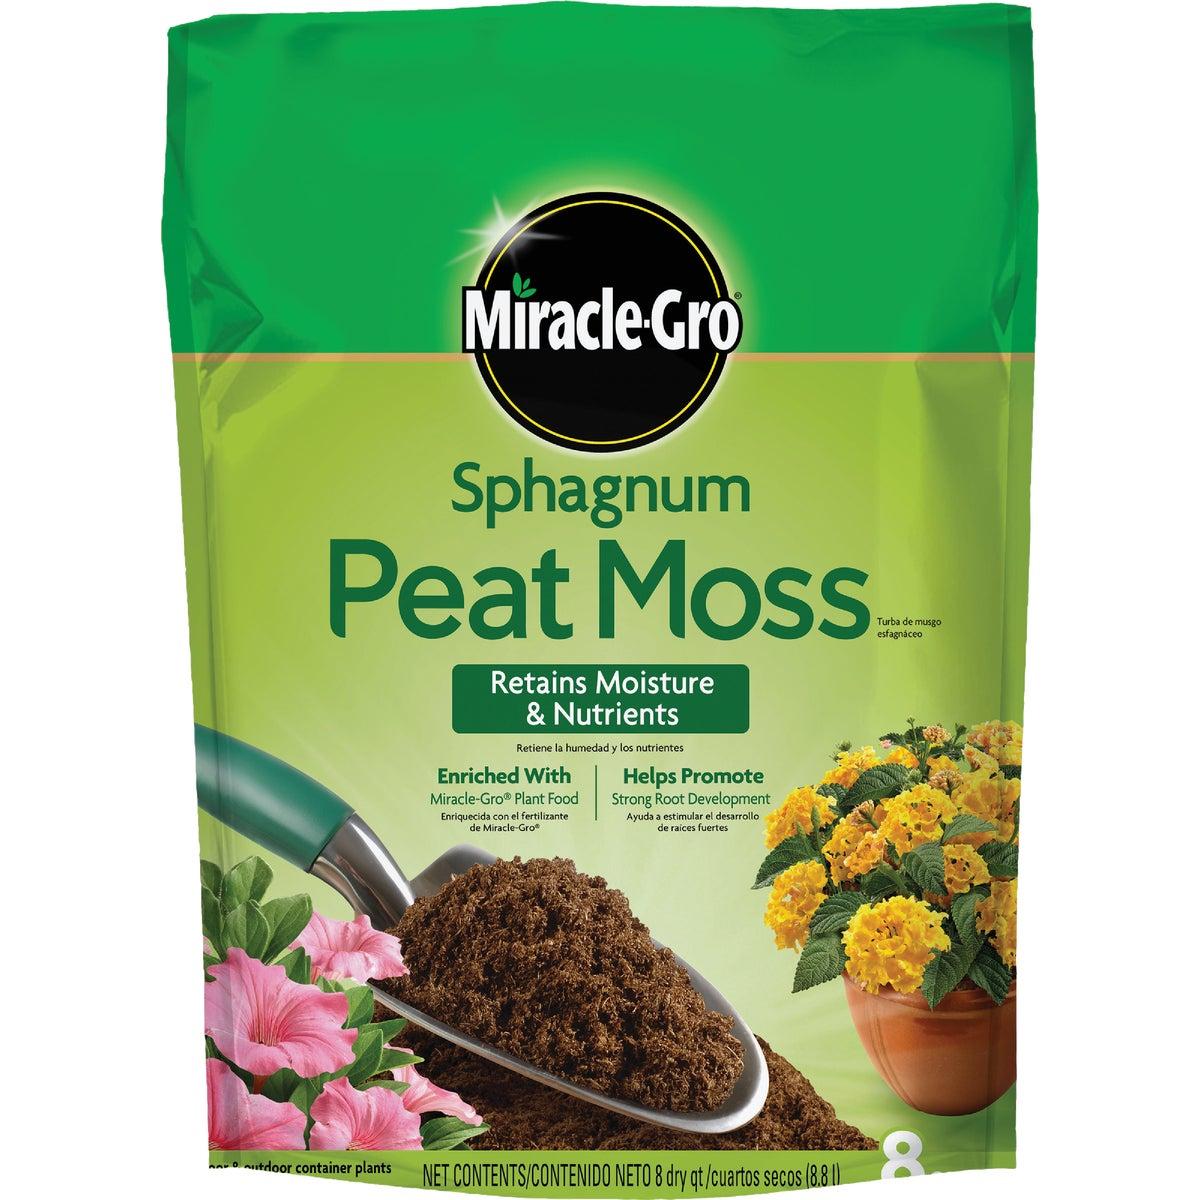 Scotts Organics 8QT PEAT MOSS 75278300